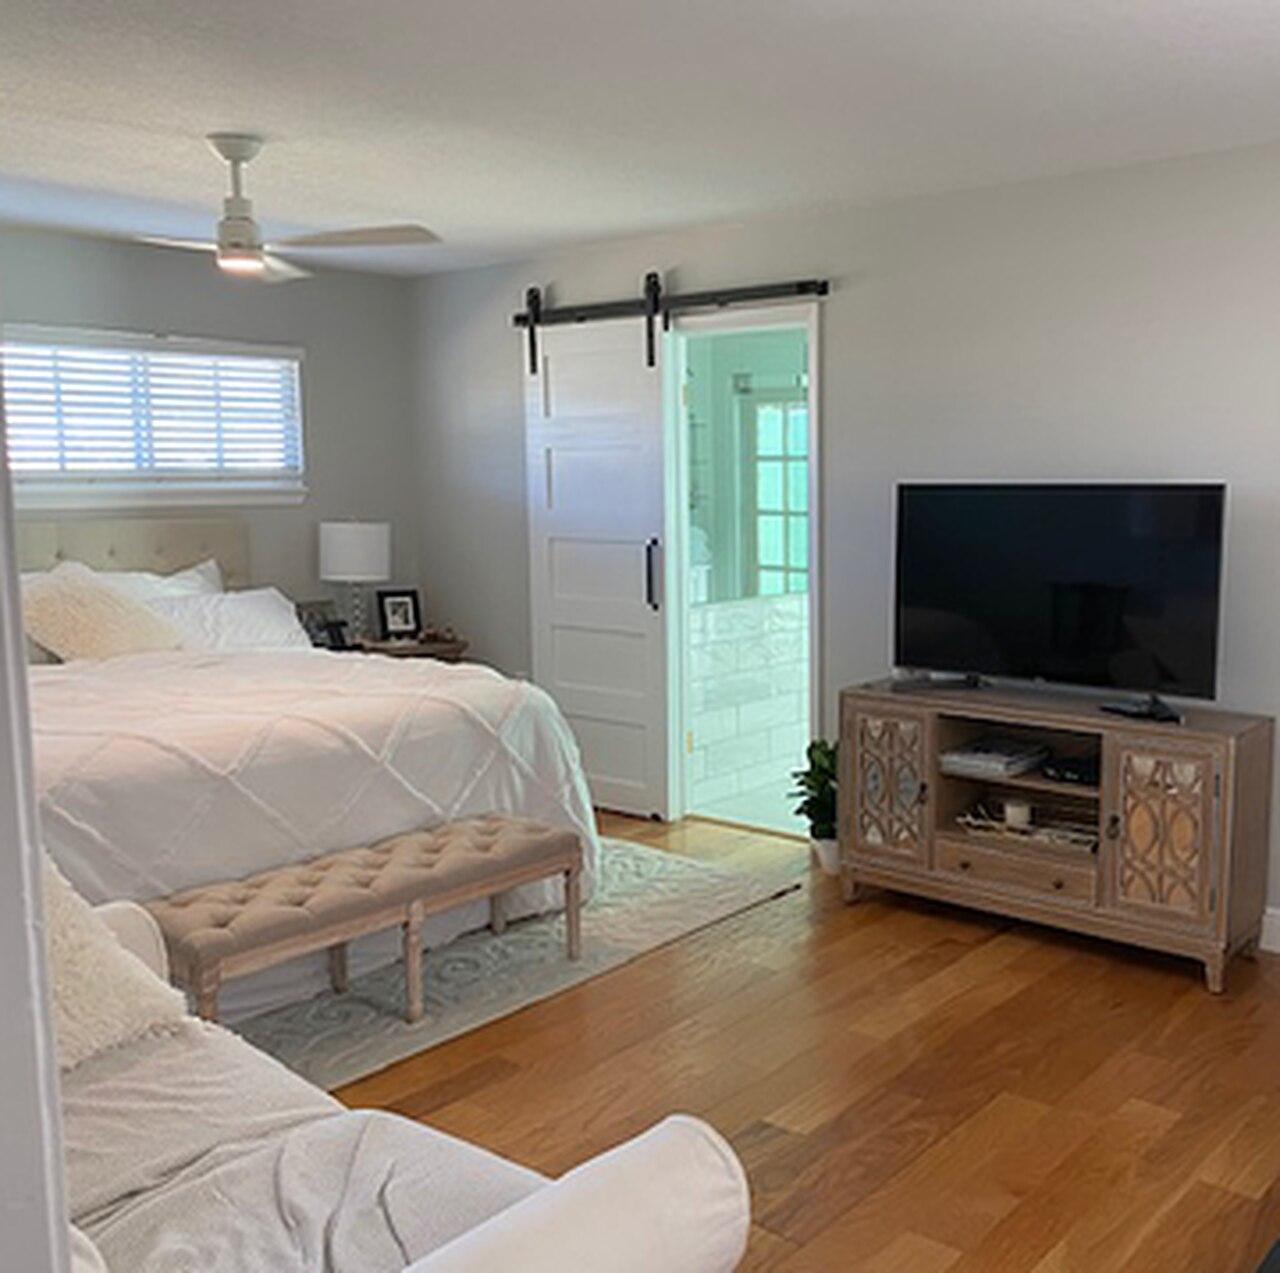 5 panel white painted wood bedroom barn door